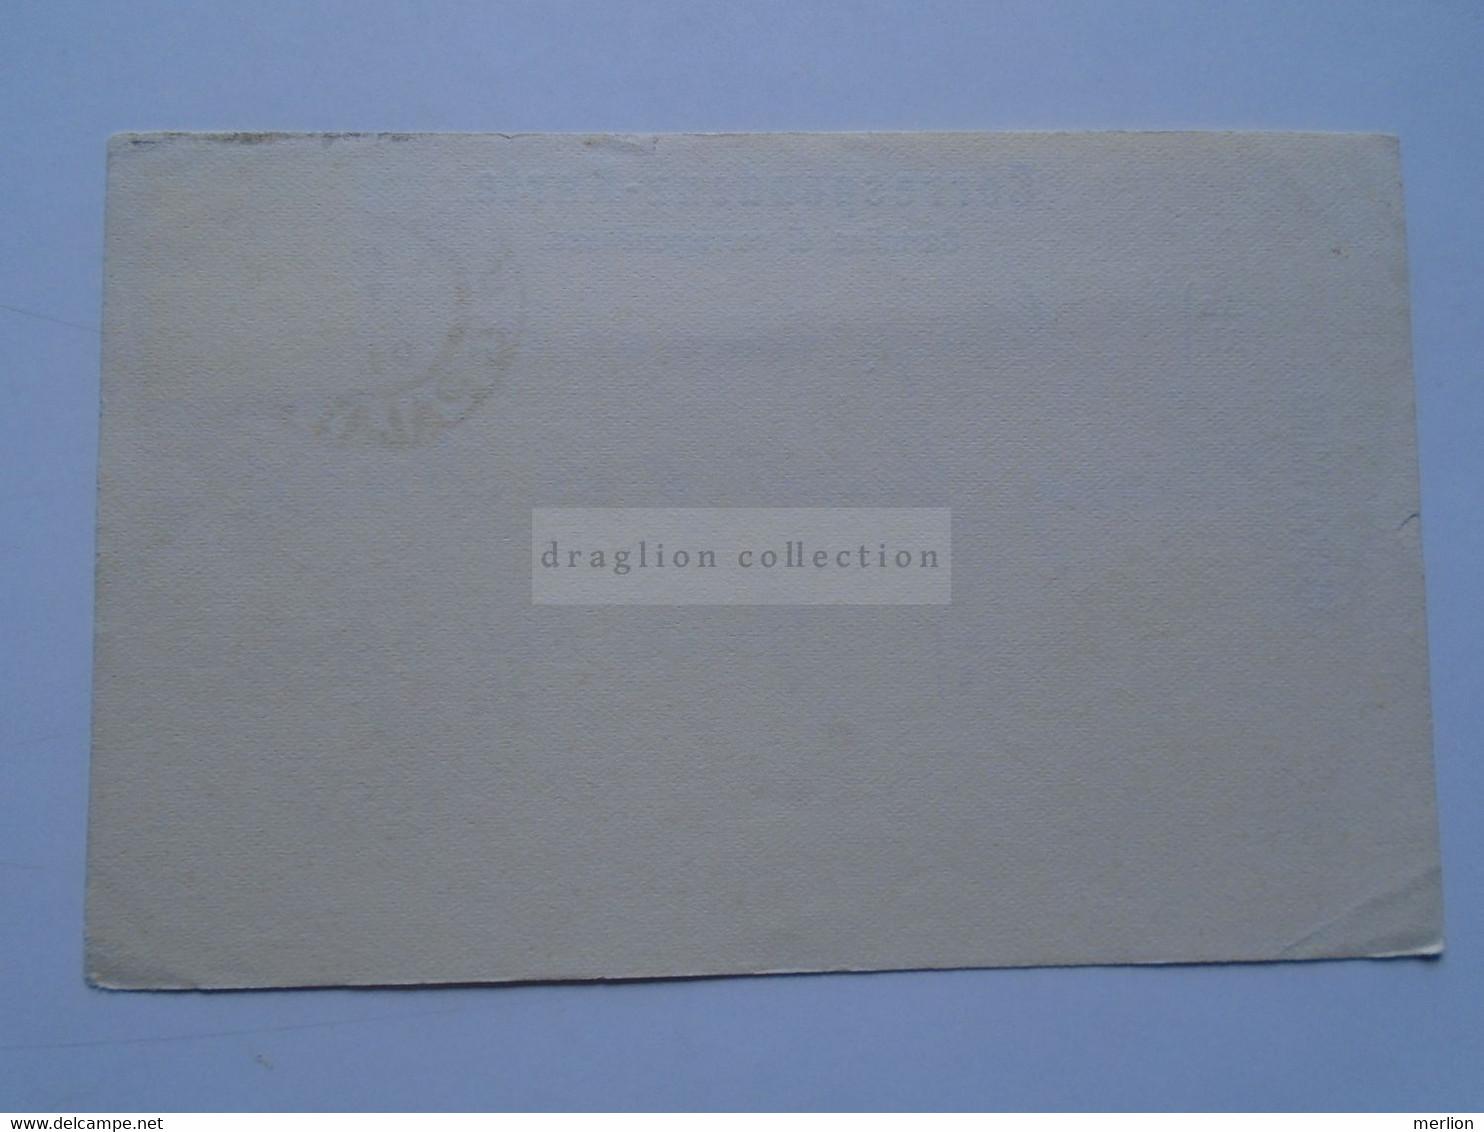 D178679  Österreich  Kroatien Croatia  1901  Split Spalato  Sent To GRUZ  M. Placek   No Backside  (missing) - Sin Clasificación